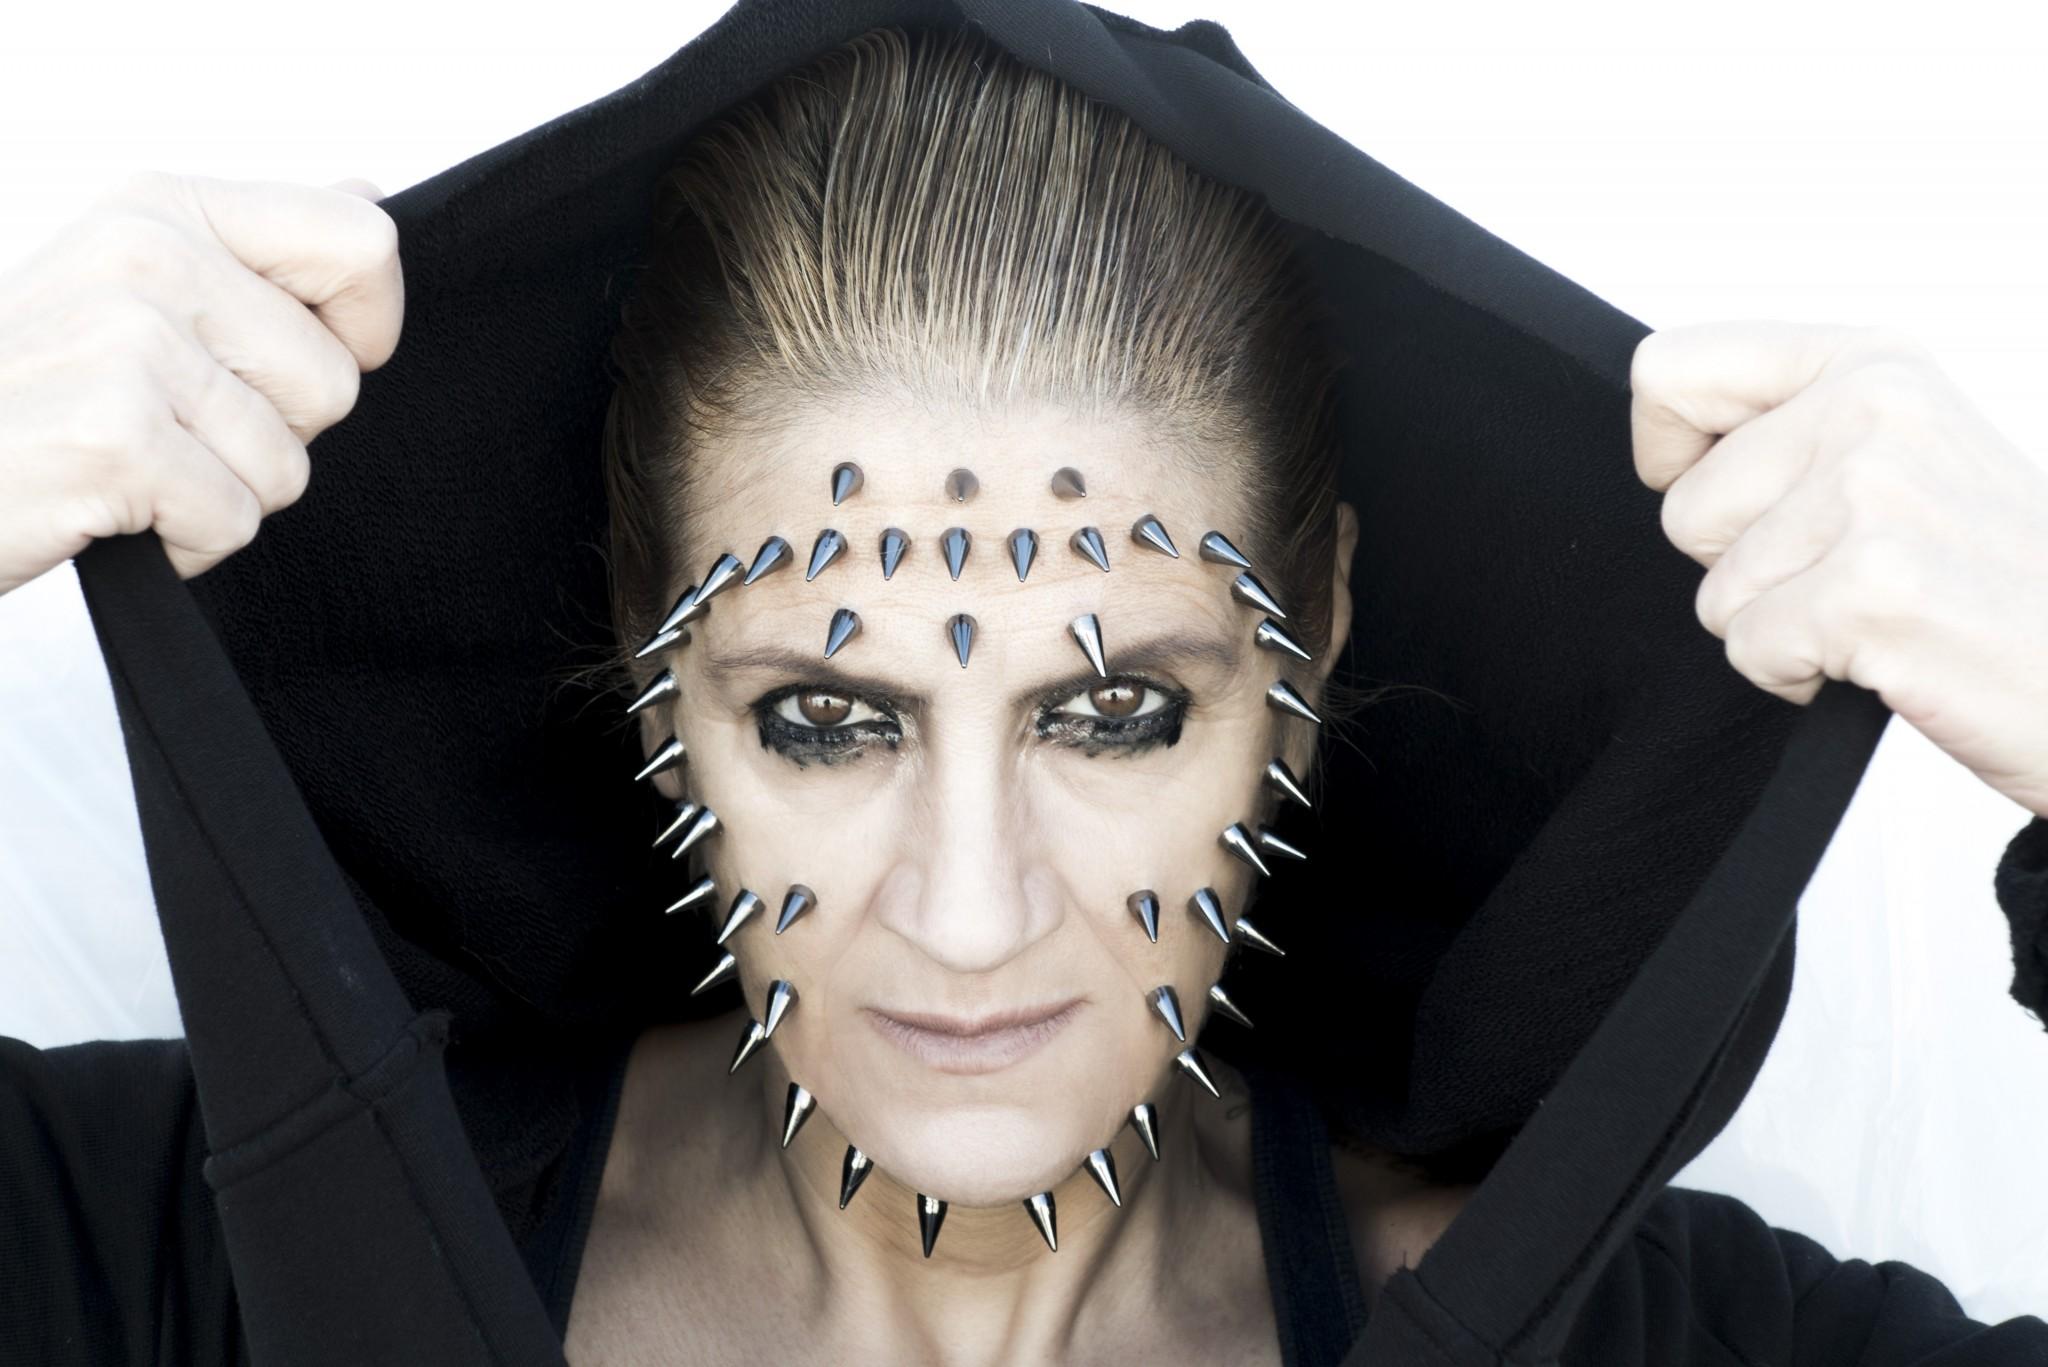 Καίτη Κωνσταντίνου - Ο ηθοποιός είναι ένας τρελός, είναι μια λοξή ματιά όλου του πράγματος